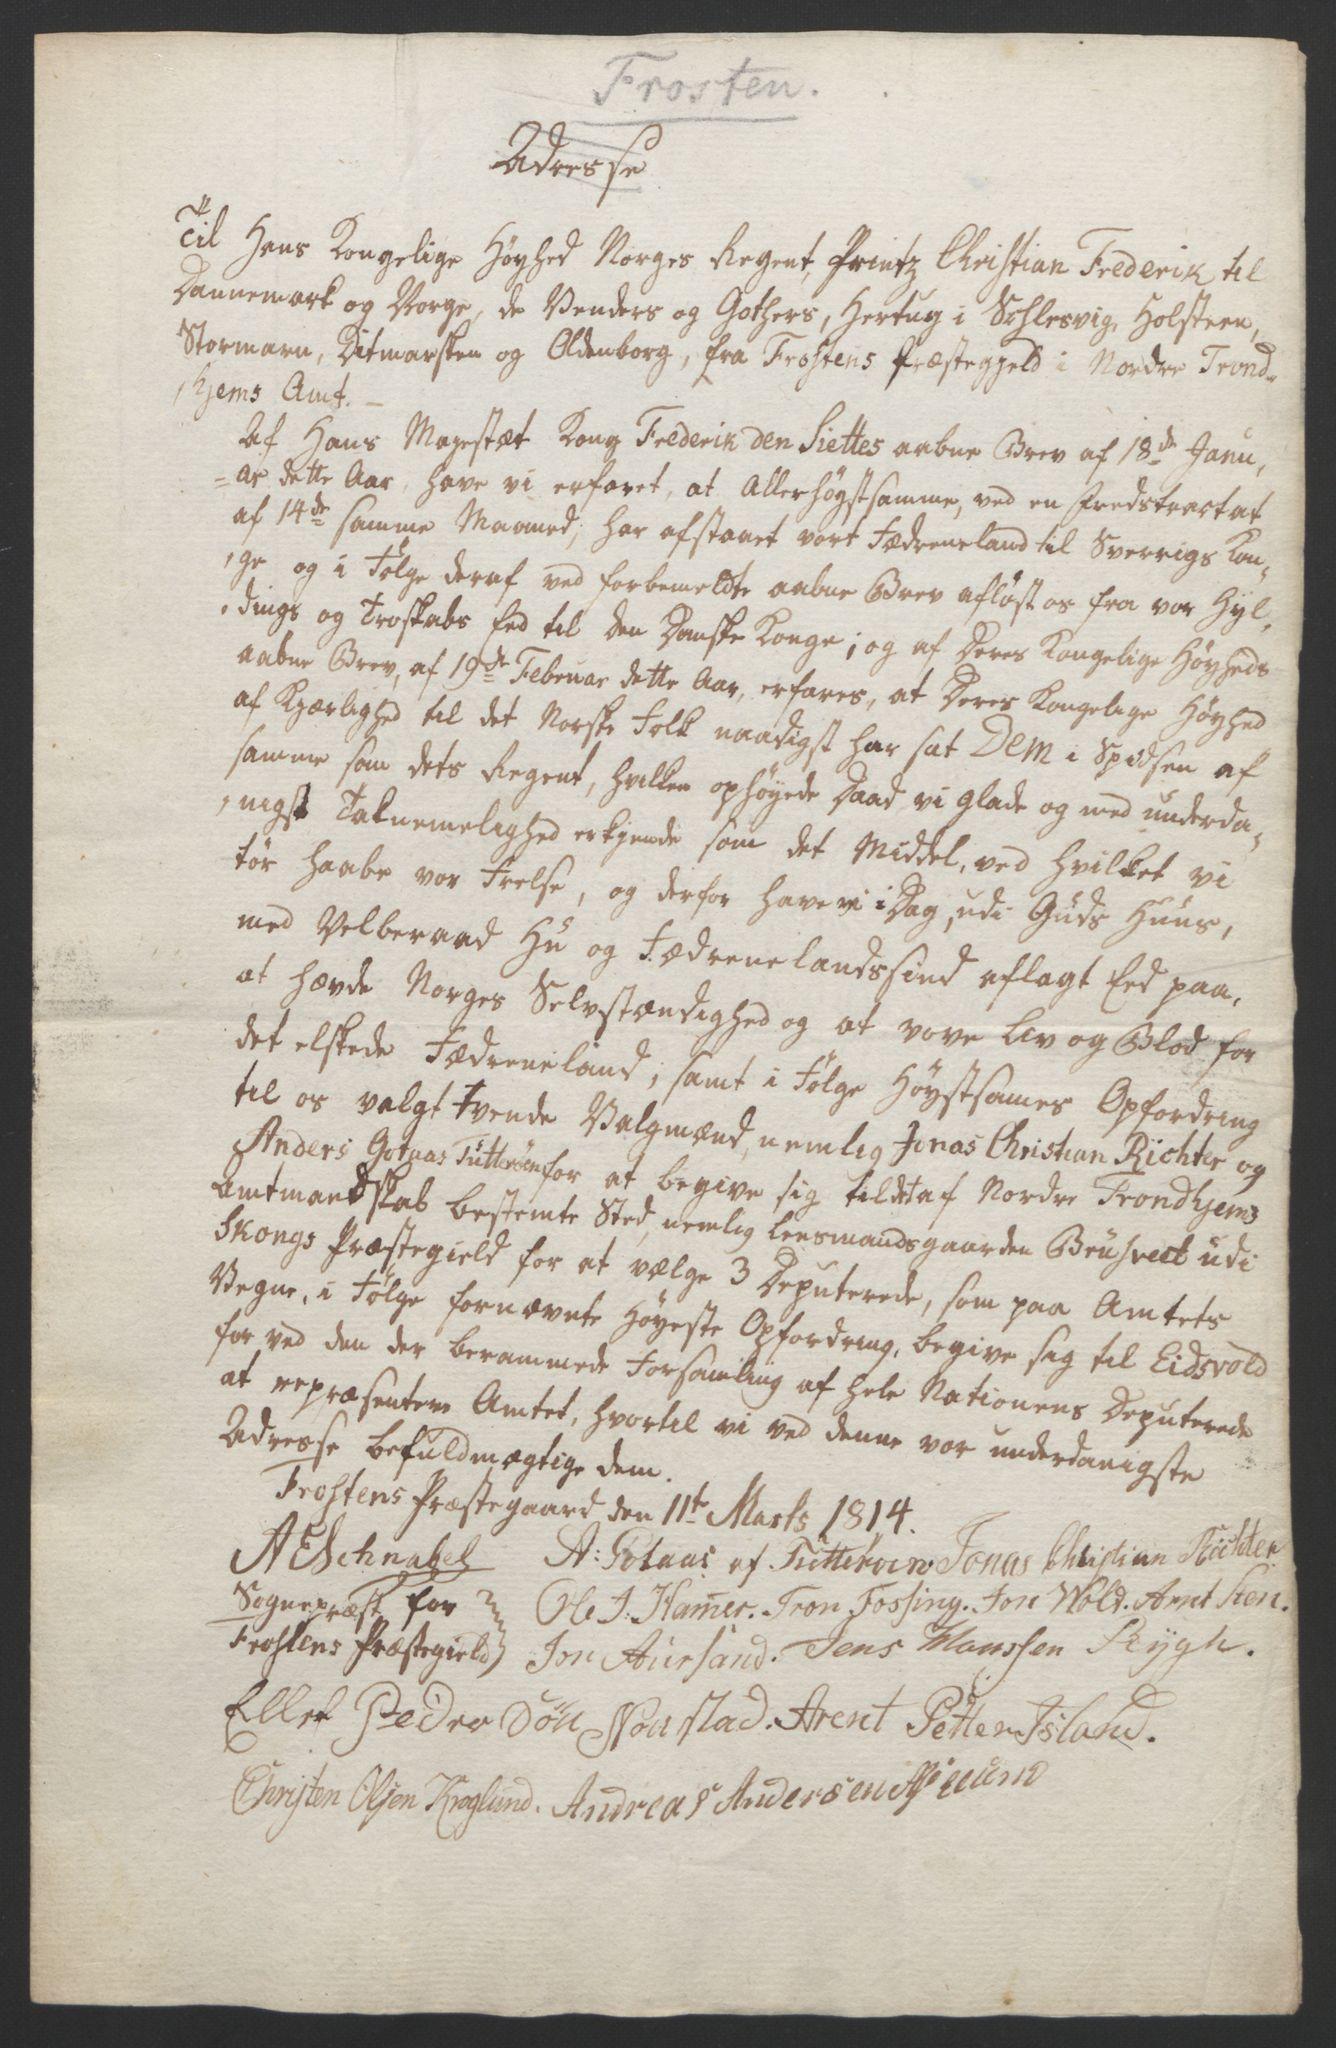 RA, Statsrådssekretariatet, D/Db/L0008: Fullmakter for Eidsvollsrepresentantene i 1814. , 1814, s. 469